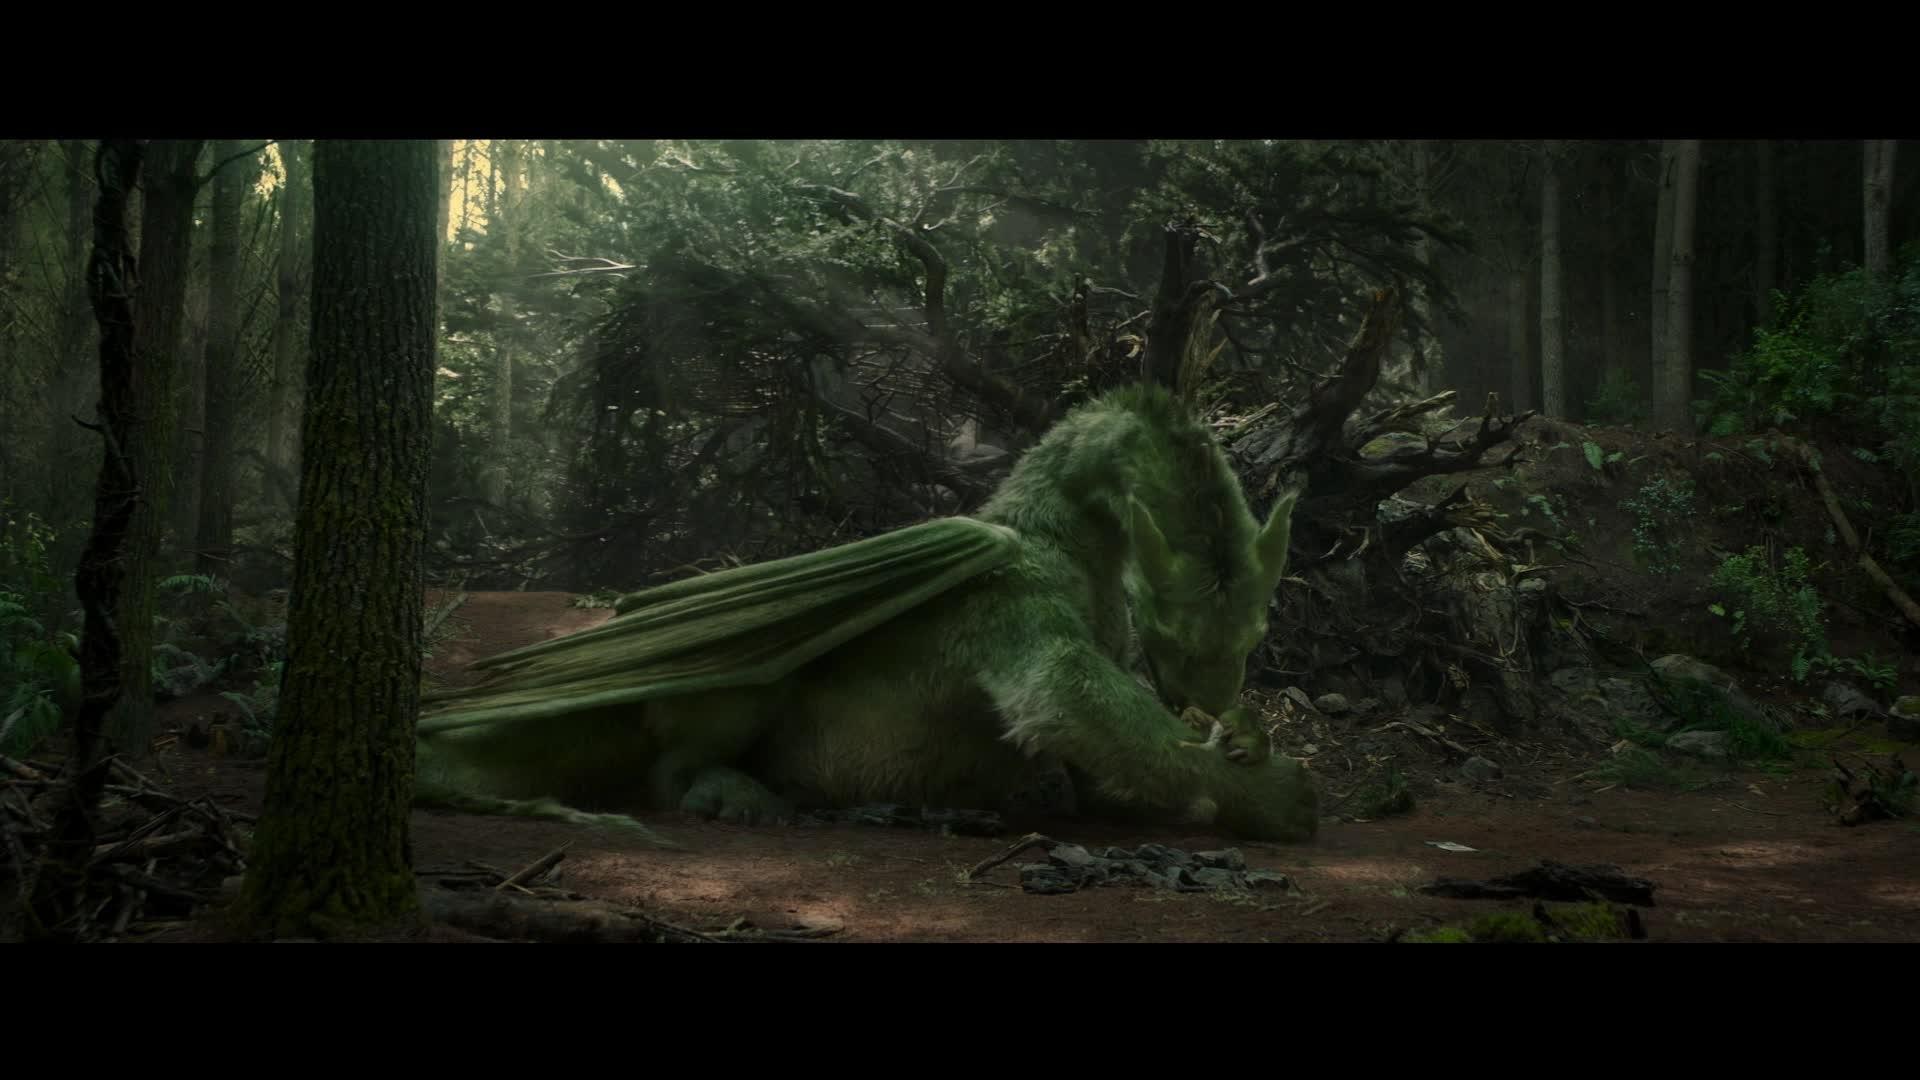 Peter & Elliott le dragon - Nouvelle bande-annonce